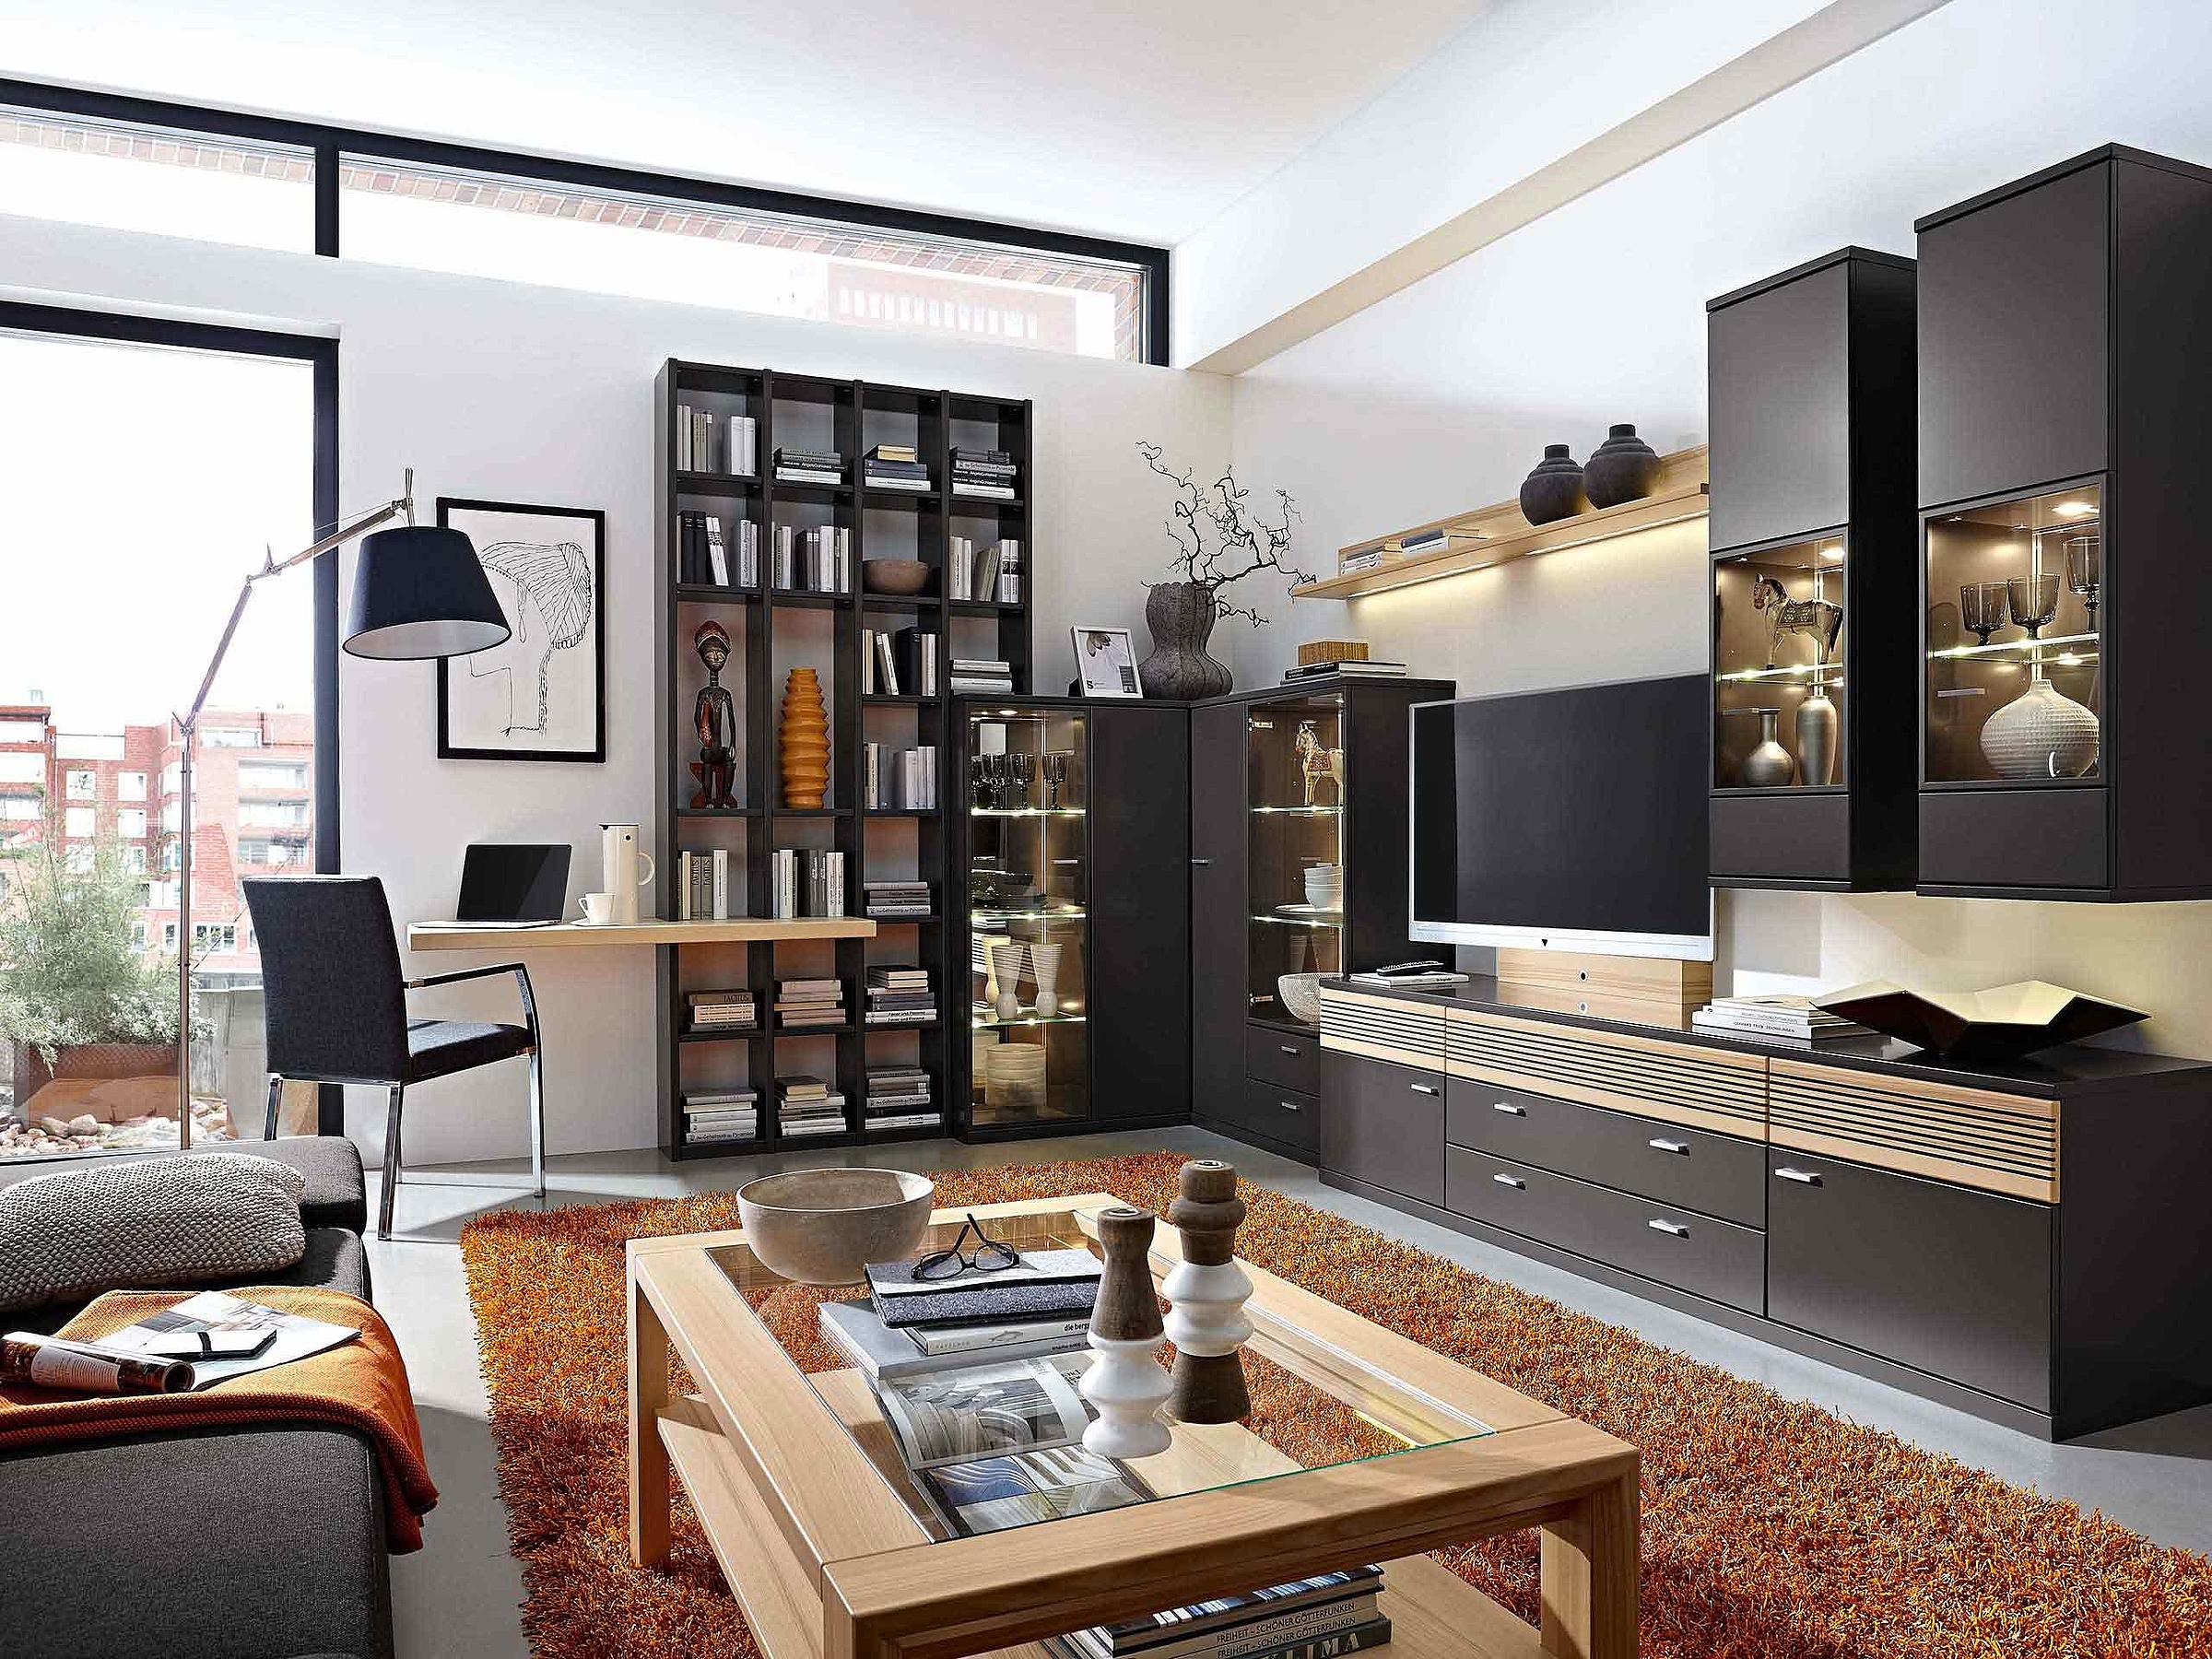 Eckwand Regal Schreibplatz Akustikblende Wohnzimmer Manhattan